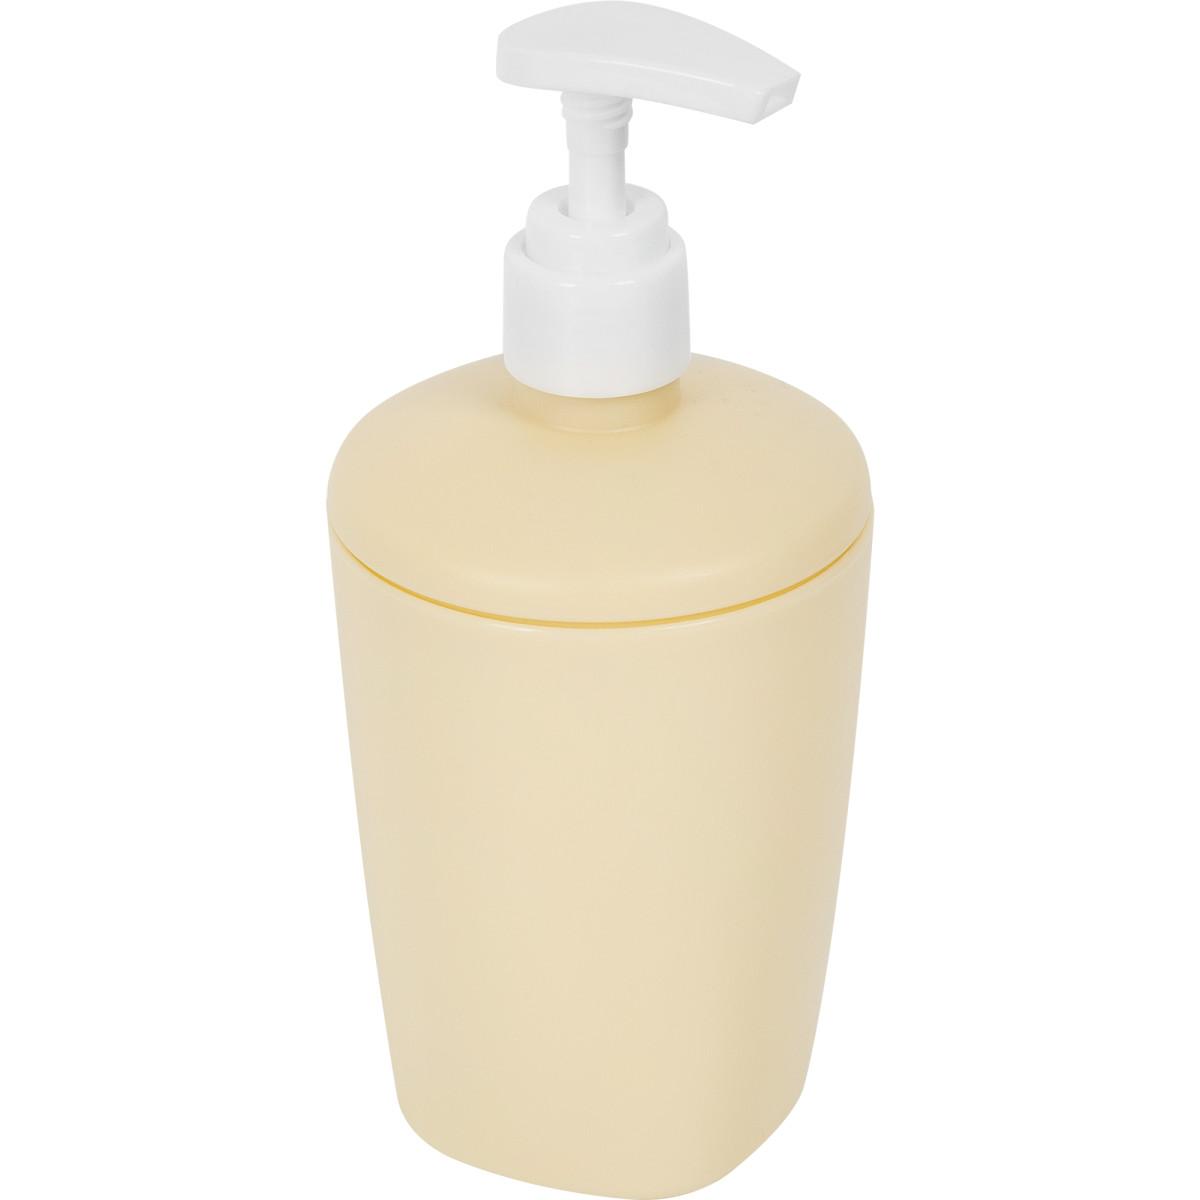 Диспенсер для жидкого мыла Aqua цвет желтый